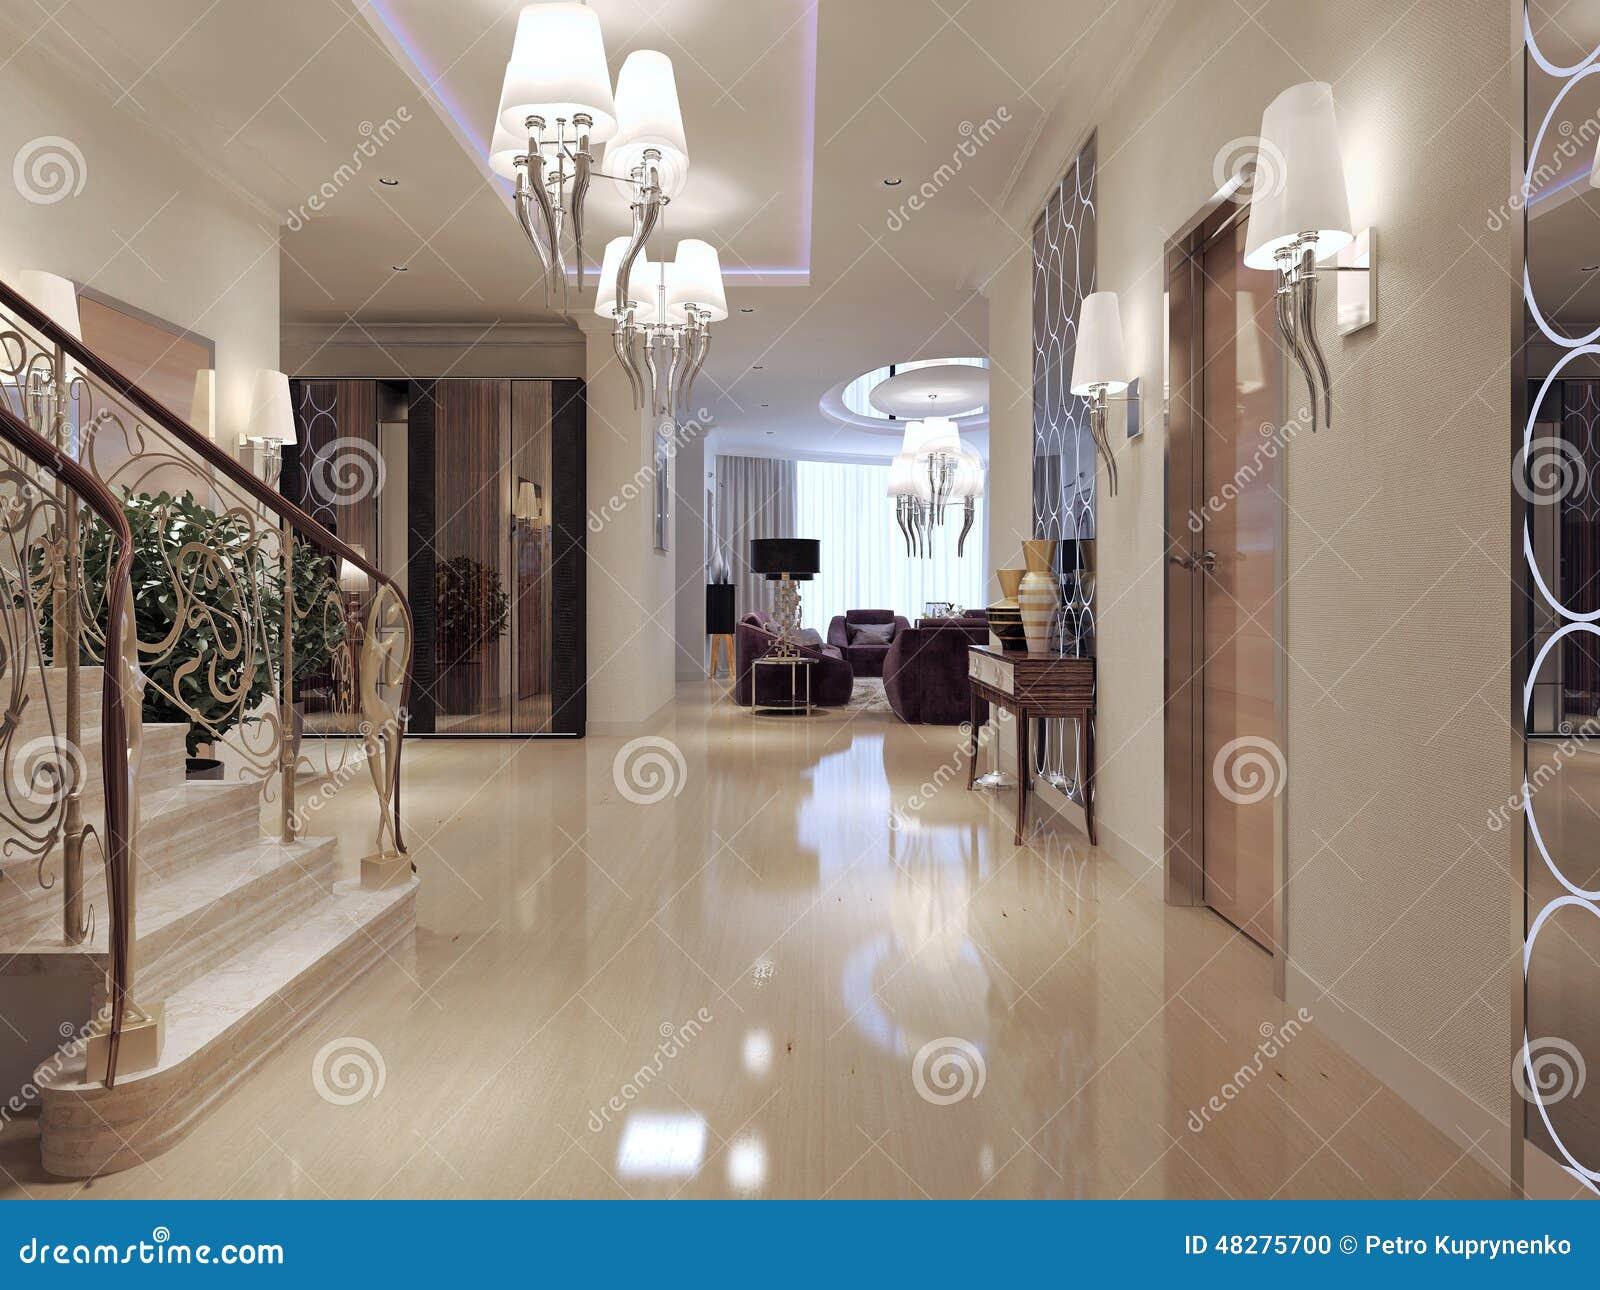 Stile neoclassico di corridoio illustrazione di stock - Casa stile neoclassico ...